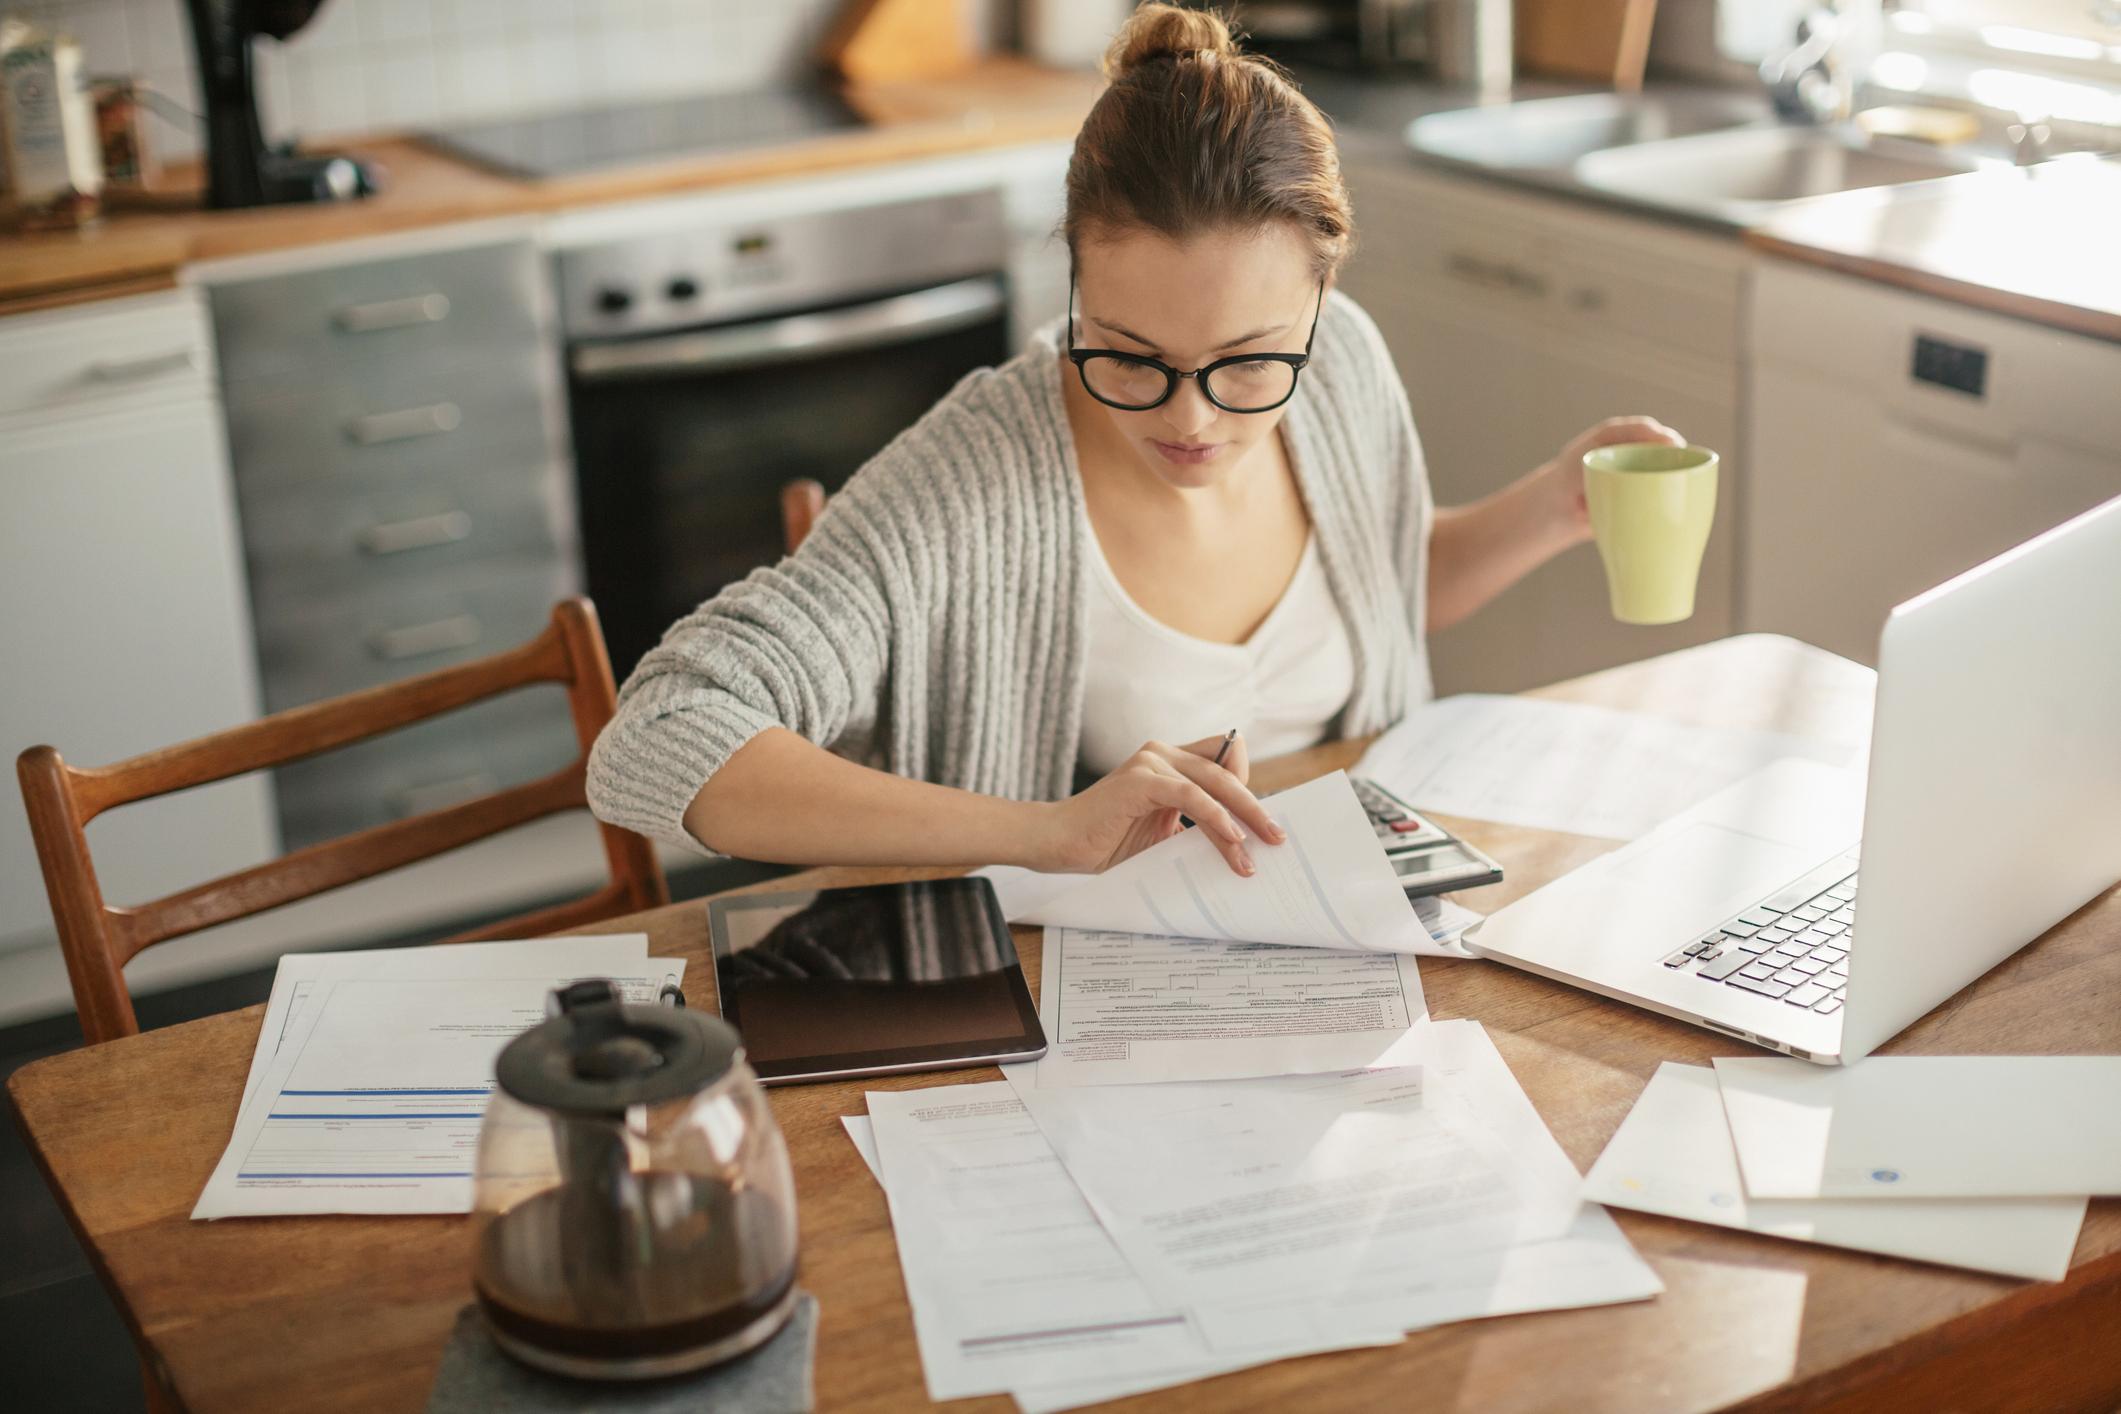 Frau checkt Versicherungsunterlagen